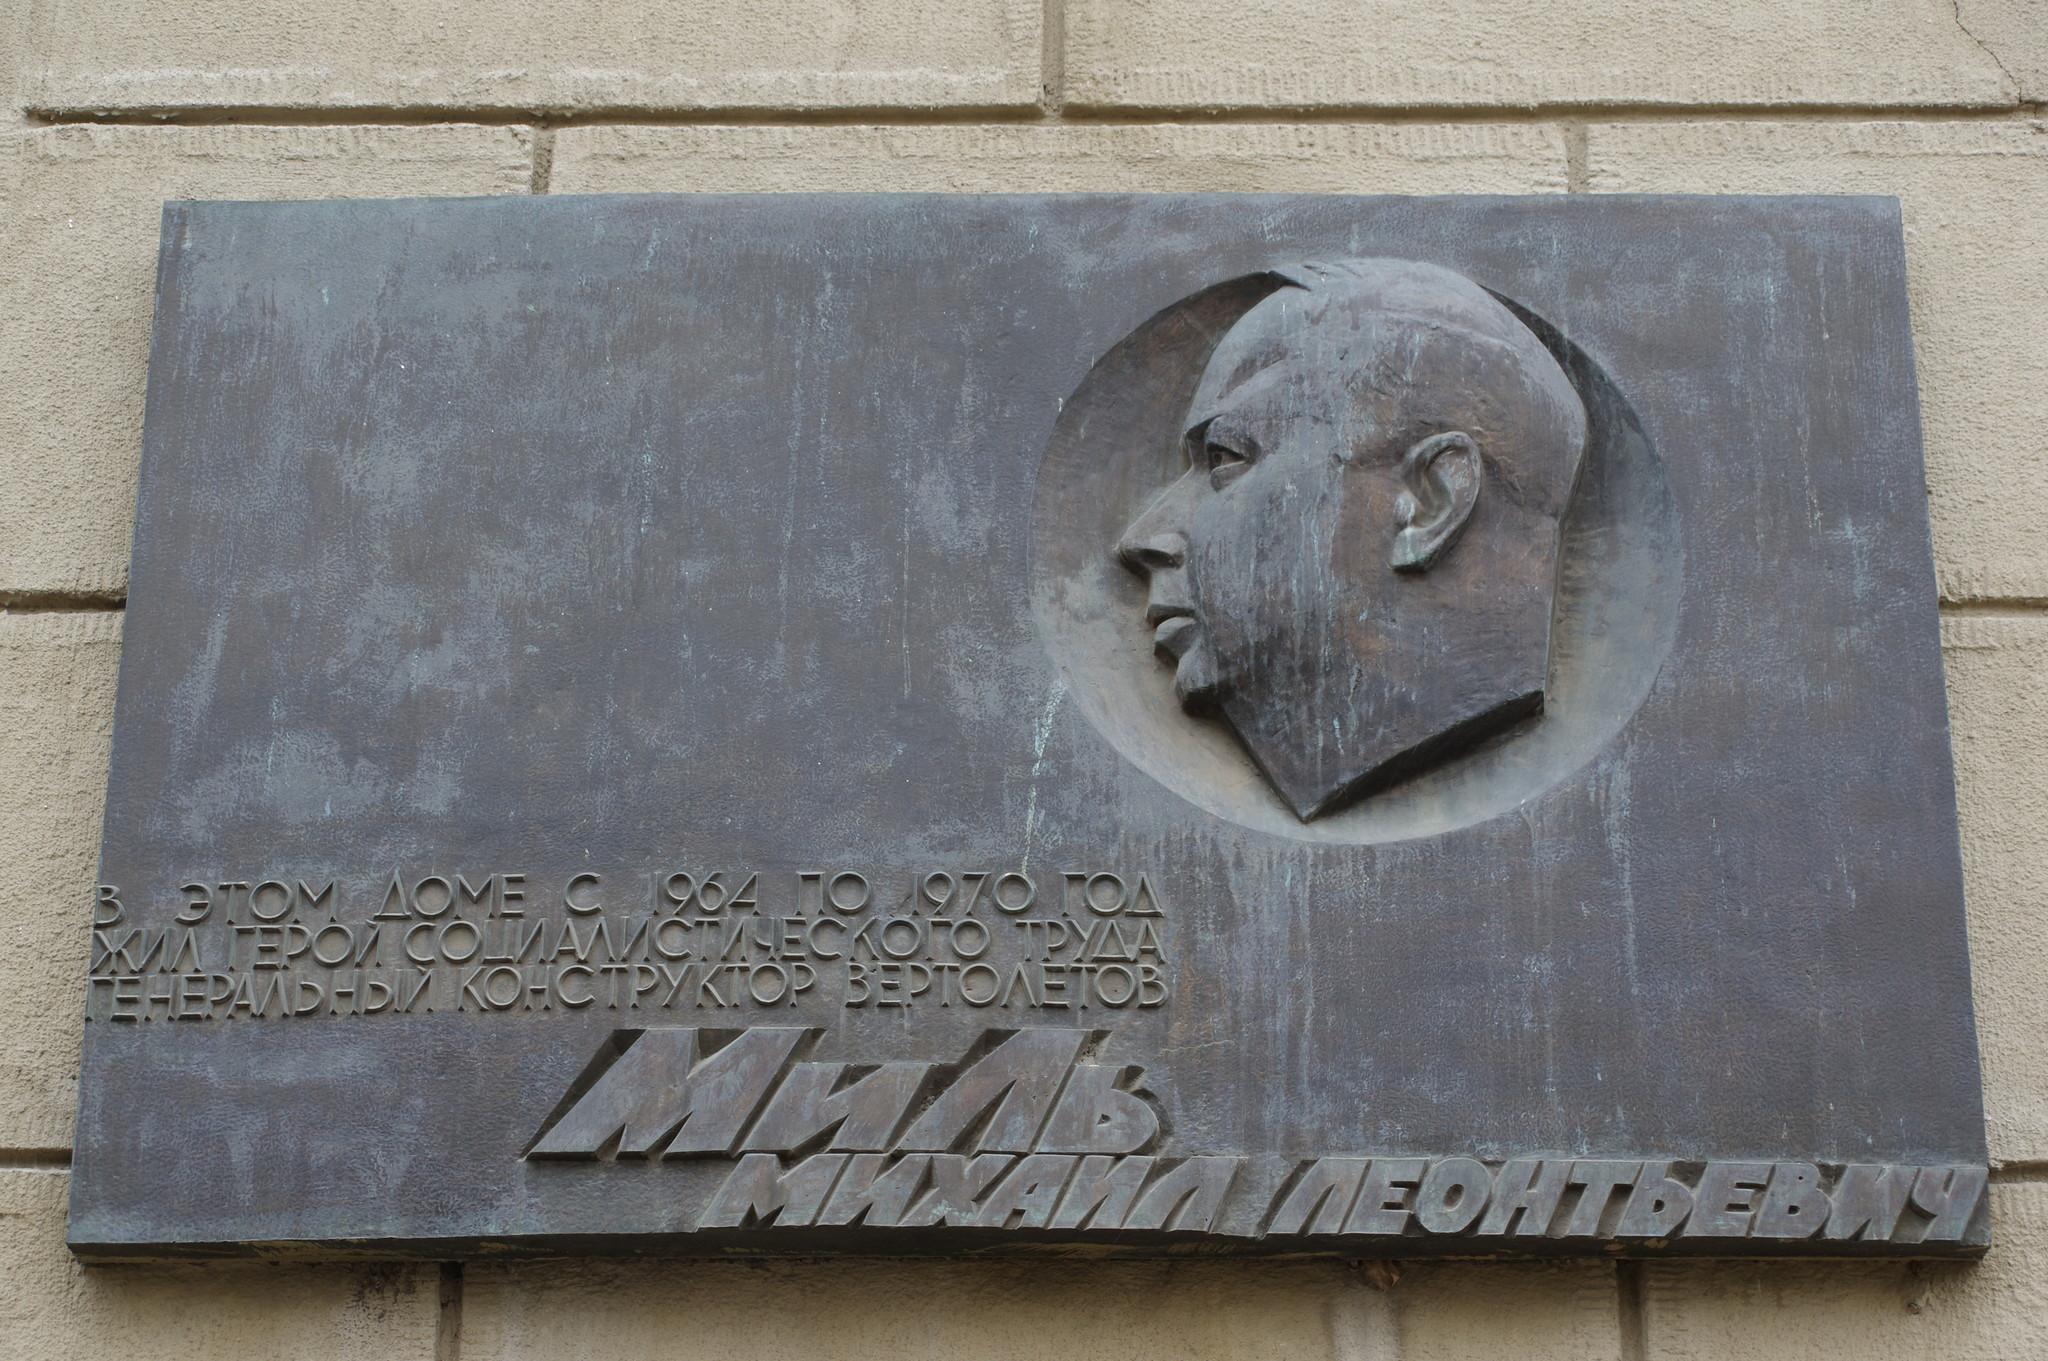 Мемориальная доска на фасаде доме, где с 1964 года по 1970 год жил Герой Социалистического Труда, генеральный конструктор вертолётов Михаил Леонтьевич Миль (Староконюшенный переулок, дом 19)